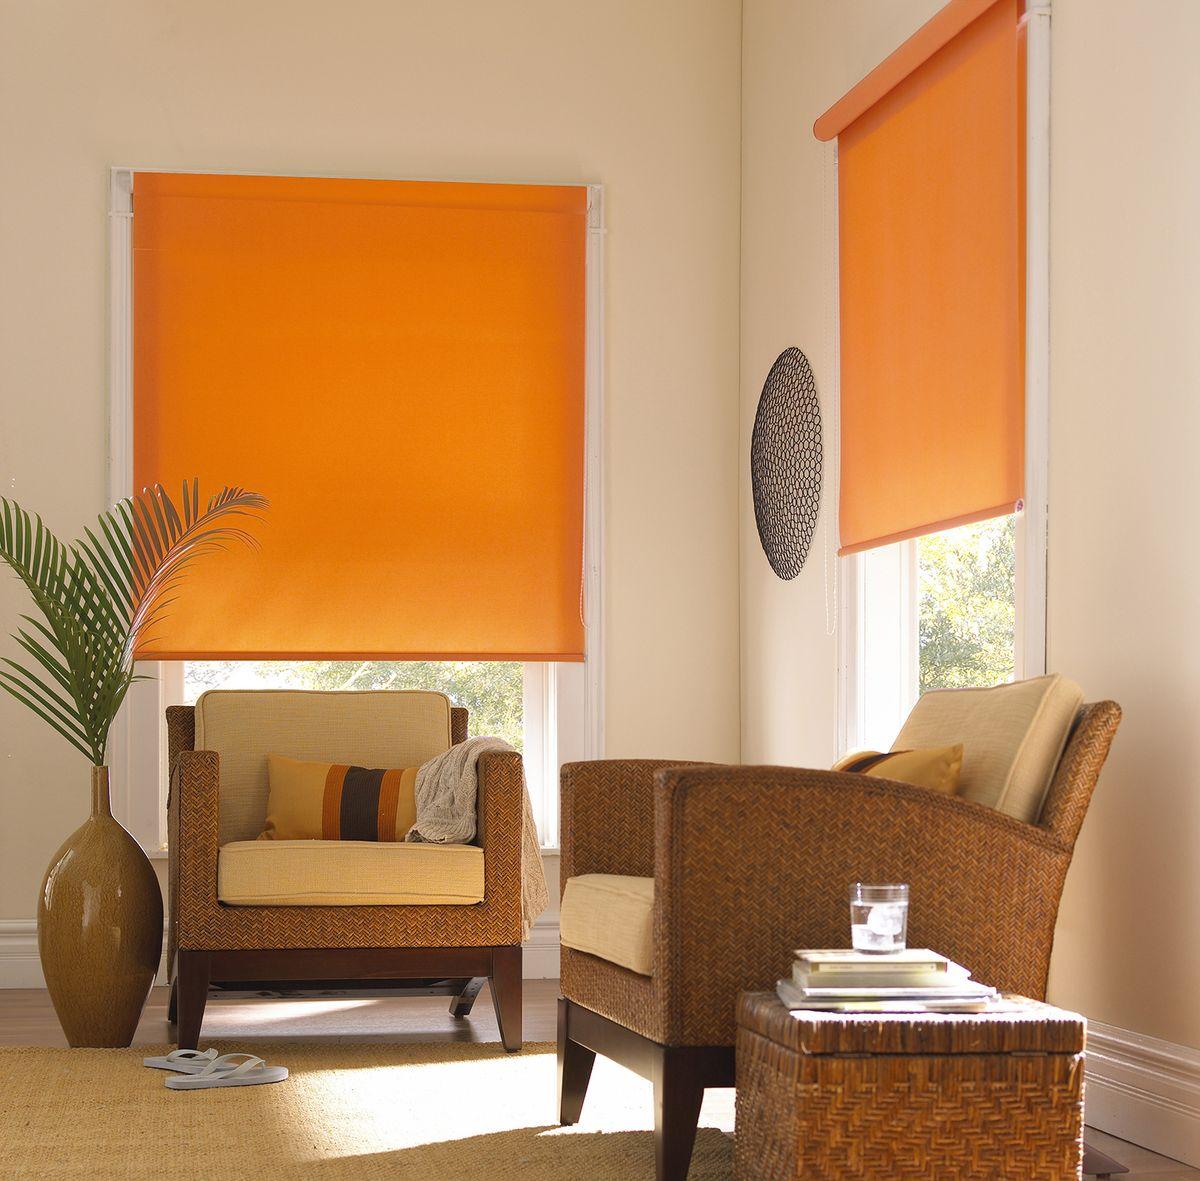 Штора рулонная Эскар Миниролло, цвет: апельсин, ширина 73 см, высота 170 см31203073170Рулонная штора Эскар Миниролло выполнена из высокопрочной ткани, которая сохраняет свой размер даже при намокании. Ткань не выцветает и обладает отличной цветоустойчивостью. Миниролло - это подвид рулонных штор, который закрывает не весь оконный проем, а непосредственно само стекло. Такие шторы крепятся на раму без сверления при помощи зажимов или клейкой двухсторонней ленты (в комплекте). Окно остается на гарантии, благодаря монтажу без сверления. Такая штора станет прекрасным элементом декора окна и гармонично впишется в интерьер любого помещения.